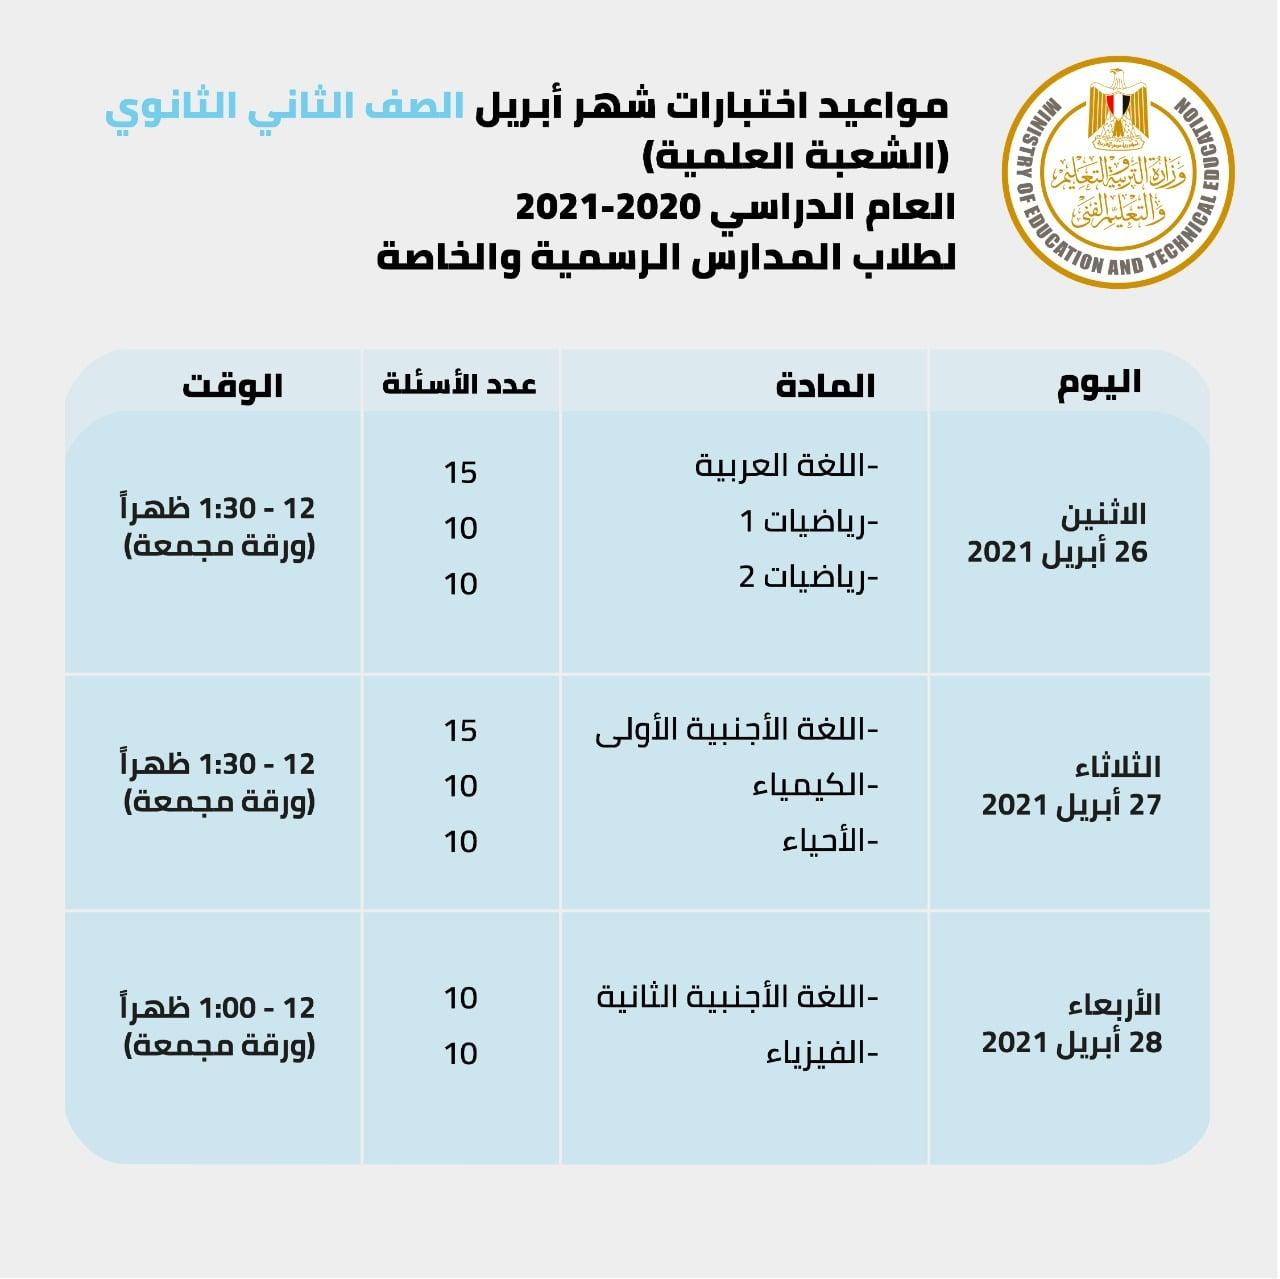 وزير التعليم:  امتحانات أبريل في مواعيدها 4